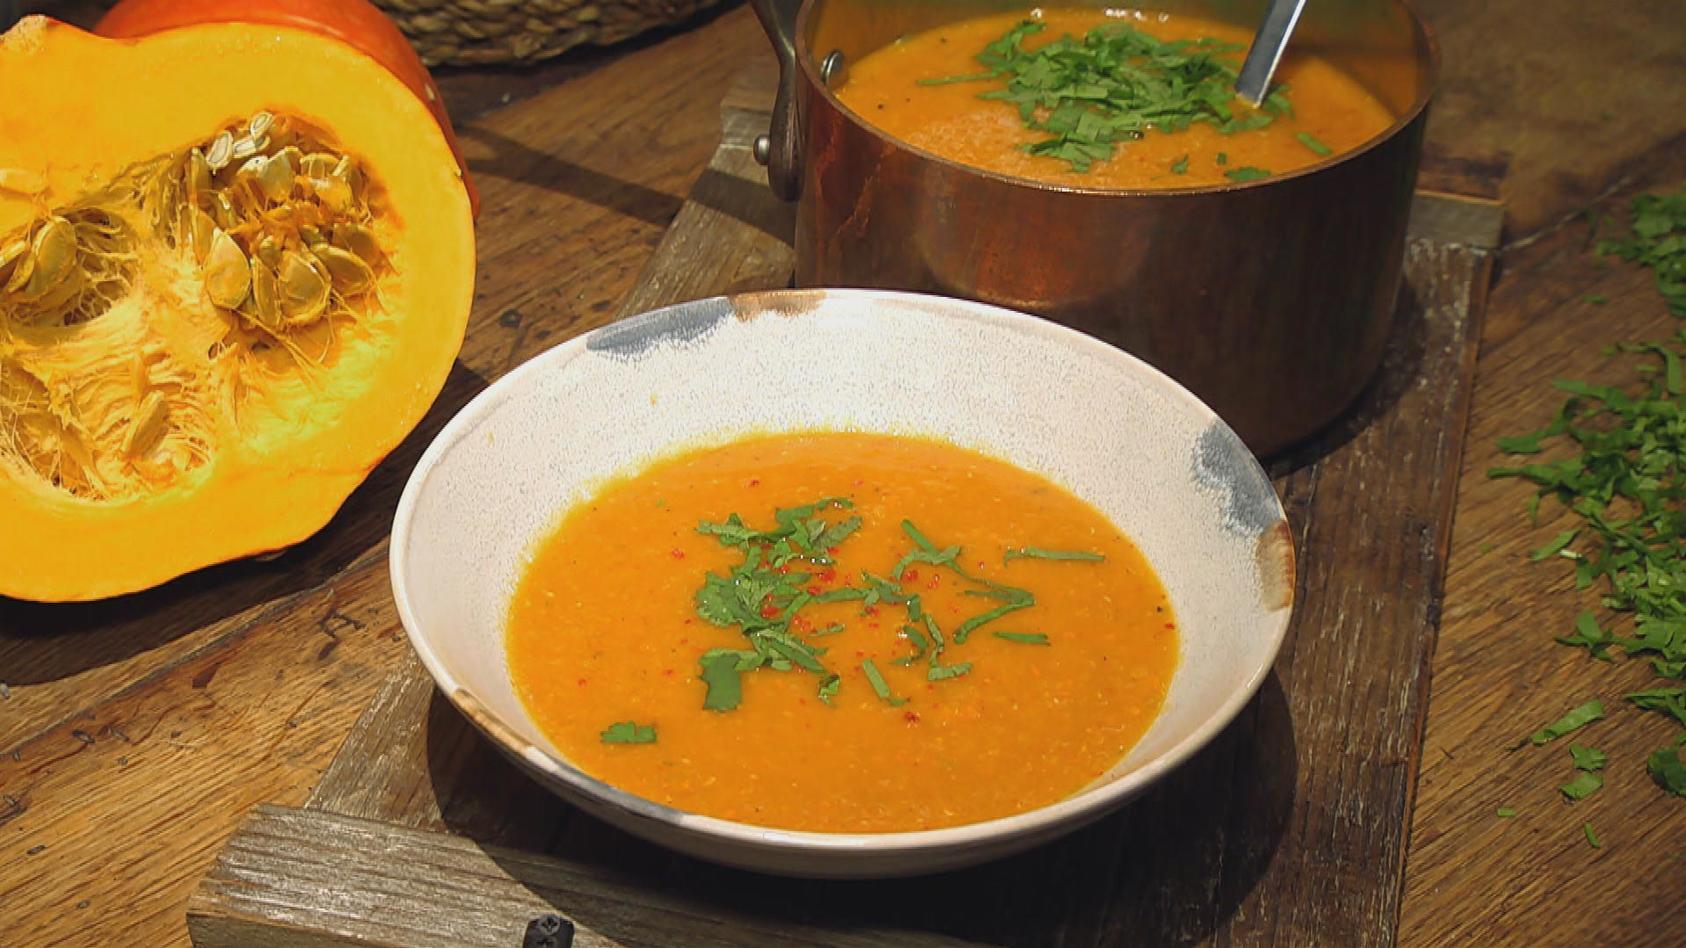 Traumpaare im Kochtopf – Geschmackskombinationen, die zusammenpassen: Kürbis-Mango-Linsensuppe